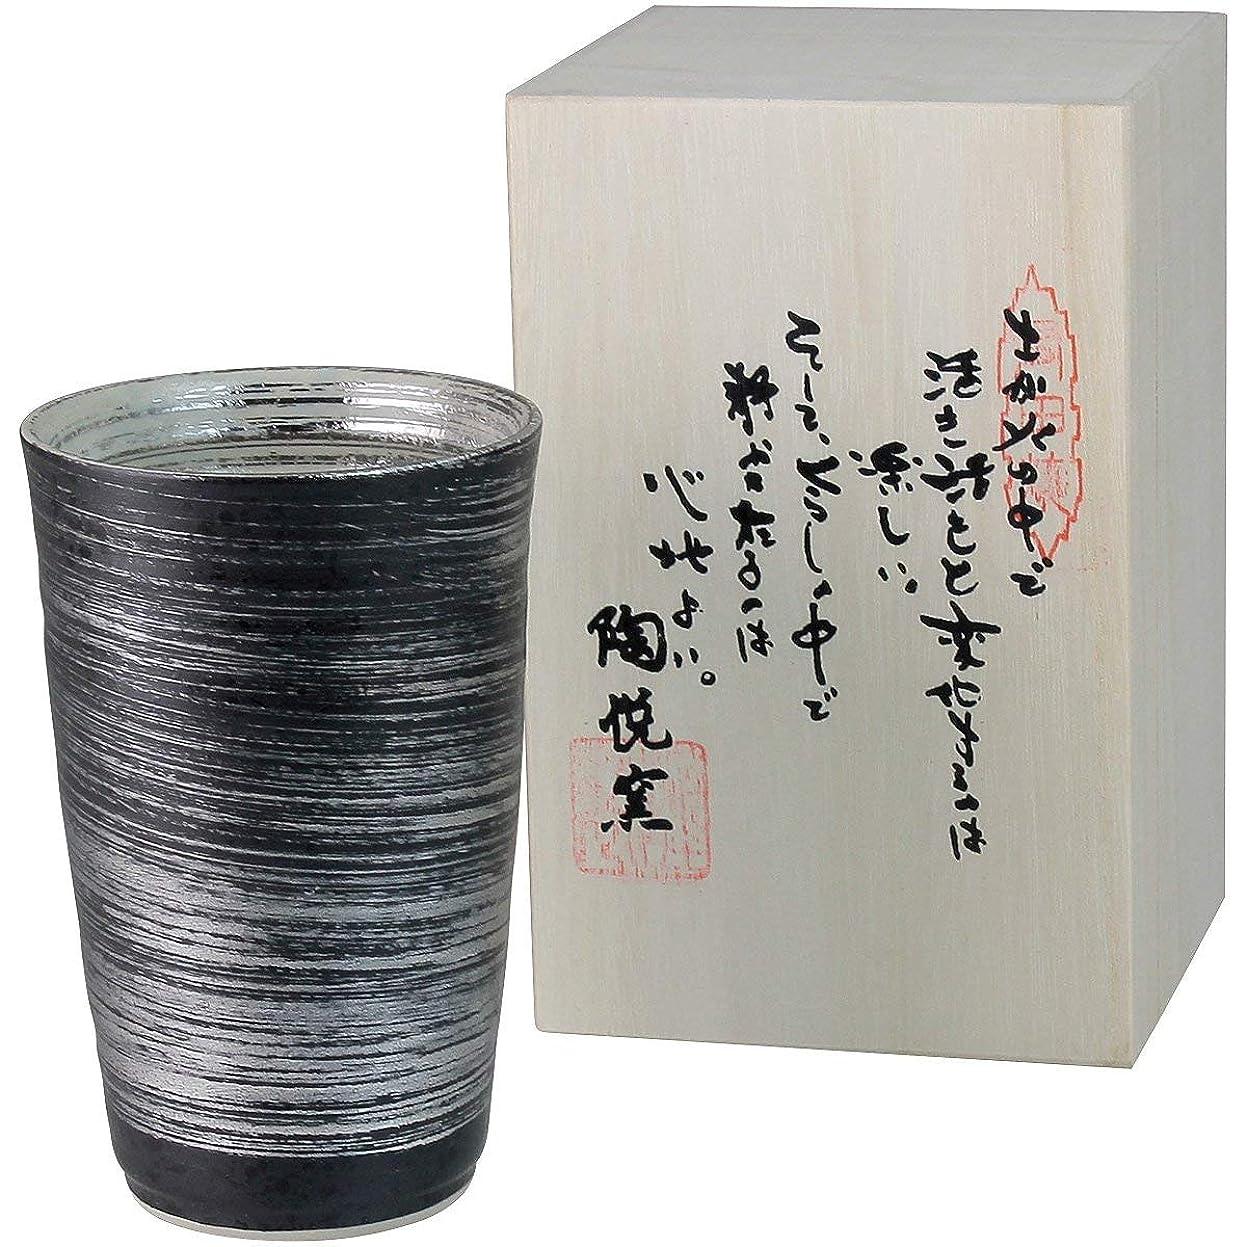 半導体比べる最大限グラス プレゼント 日本製 シルバー 752998 Φ7.9x12.2cm Φ9x9cm 有田焼